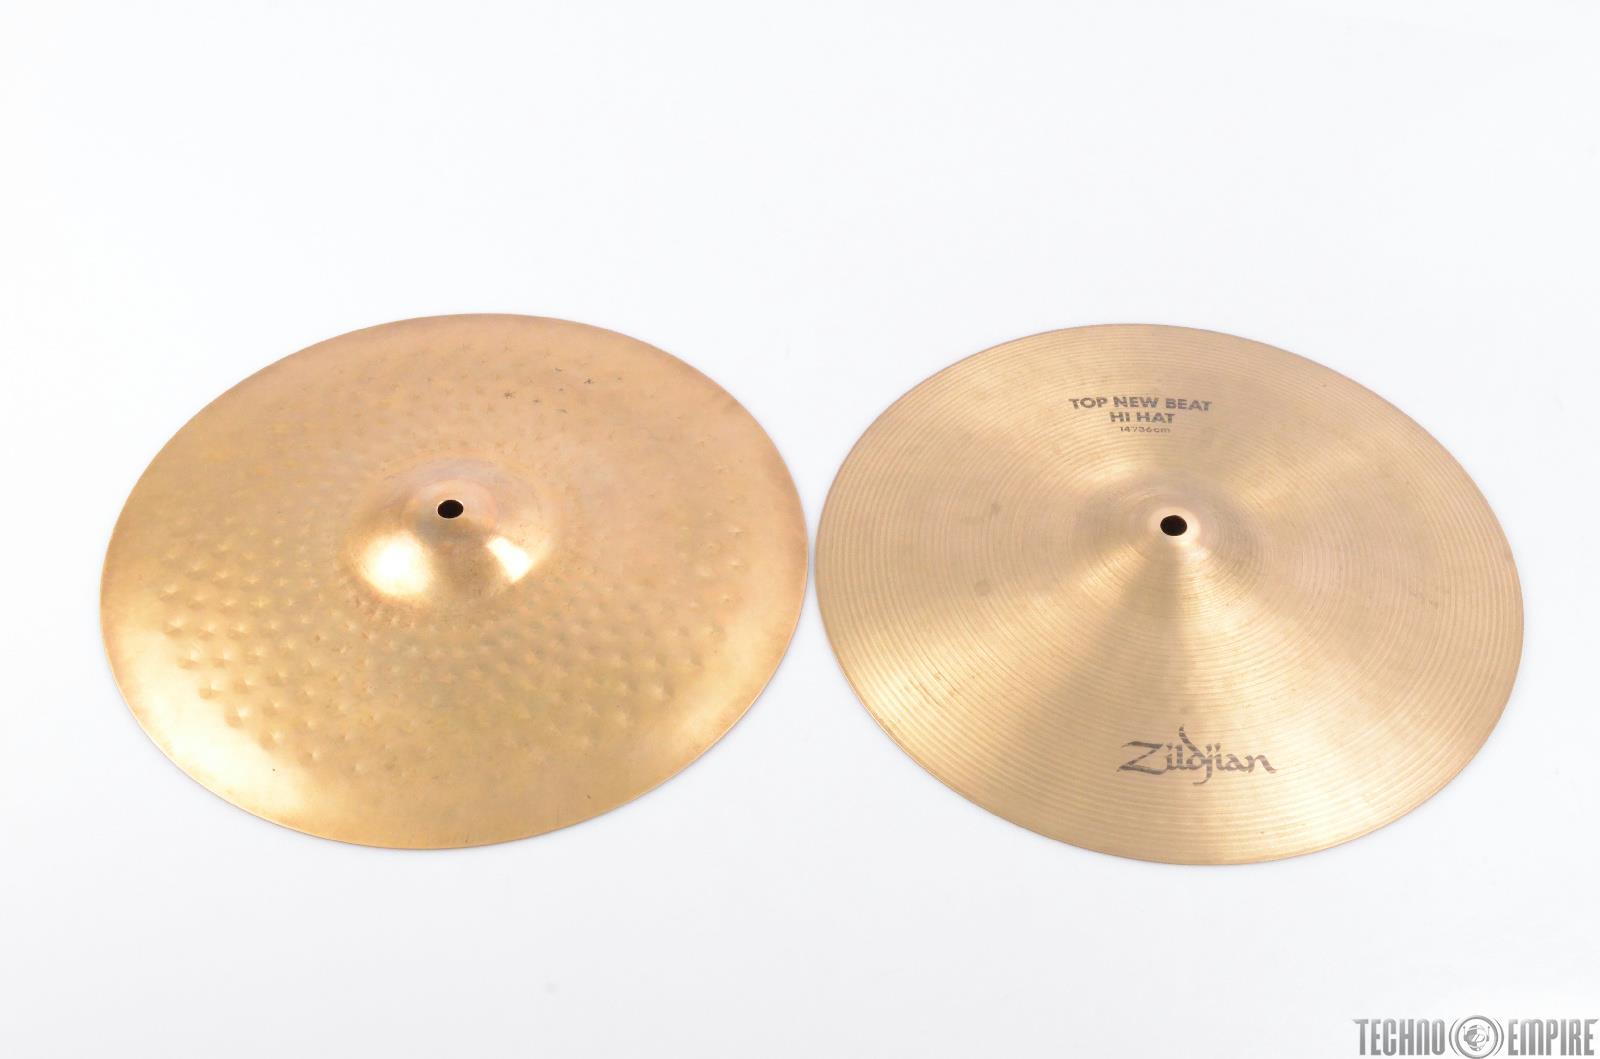 """ZILDJIAN New Beat Hi Hat 14"""" Top & Bottom Cymbal #26285"""